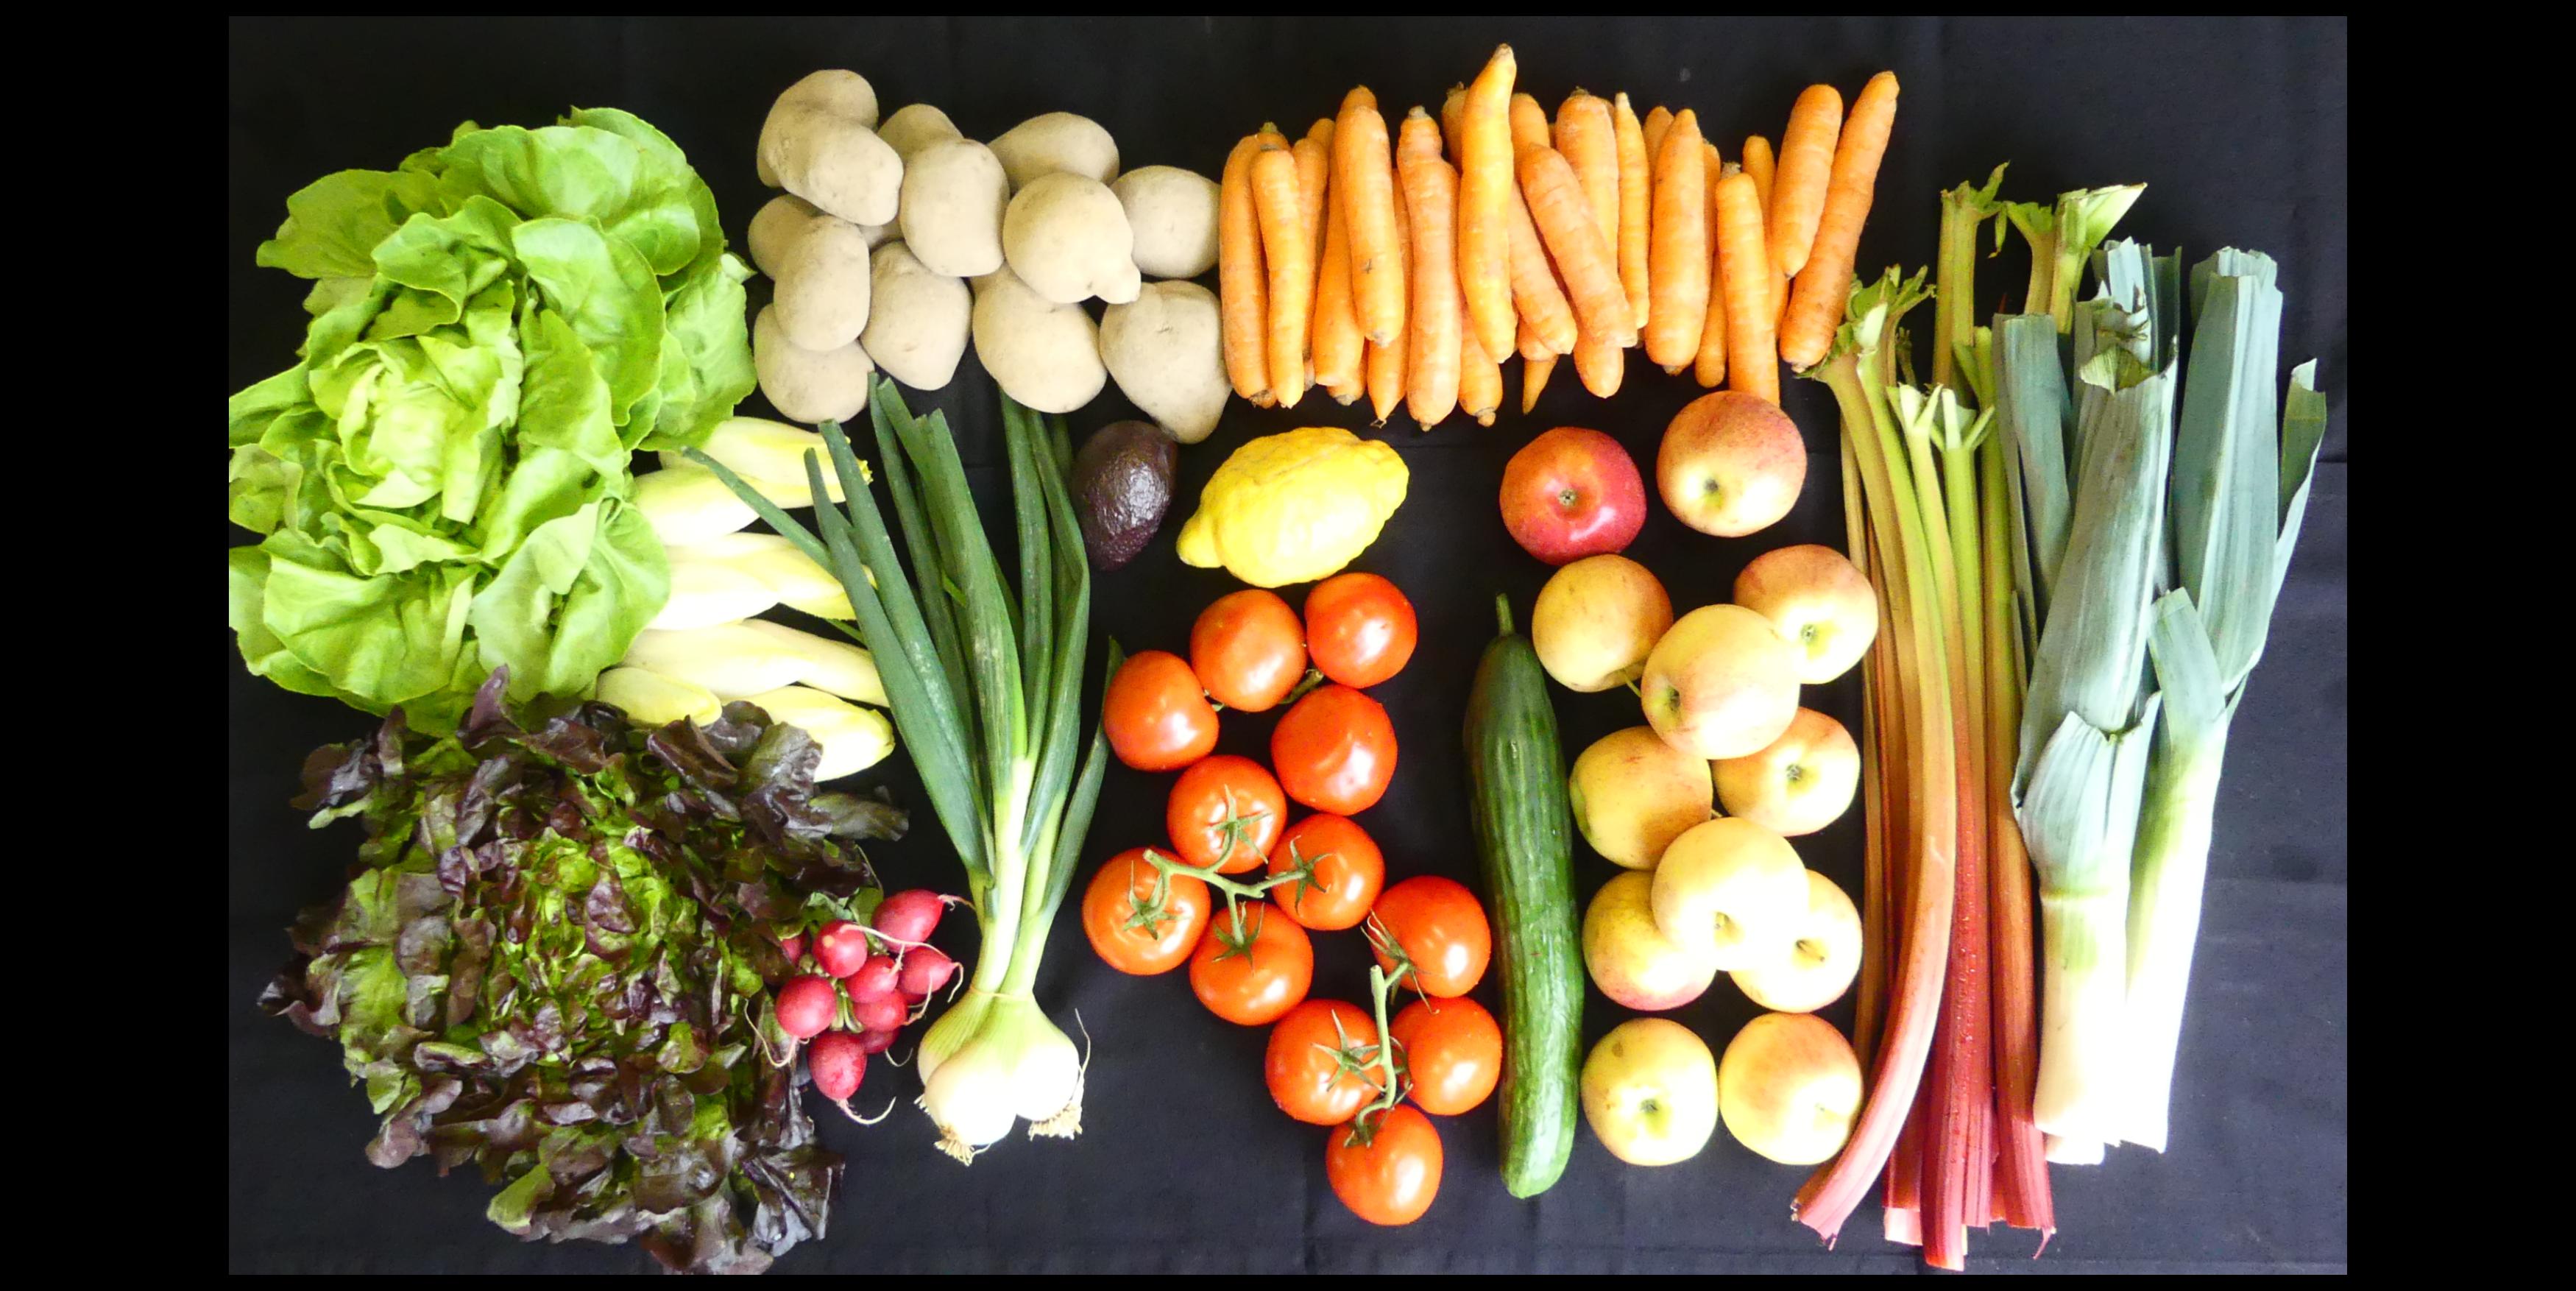 Votre panier bio pour 3 personnes  #uglyfruits #bio #organic #zurich #neuchâtel  #geneve #fooddelivery #uglyfruits #uglyfruitsandvegetables #uglyfruiters #bio #biofood #organic #organicfood #food #foodista #veggie #veggiefood #green #greenfood #vegetarisch #vegetarian #basket #panierbio #biofüralle #suisse🇨🇭 #switzerland #schweiz🇨🇭